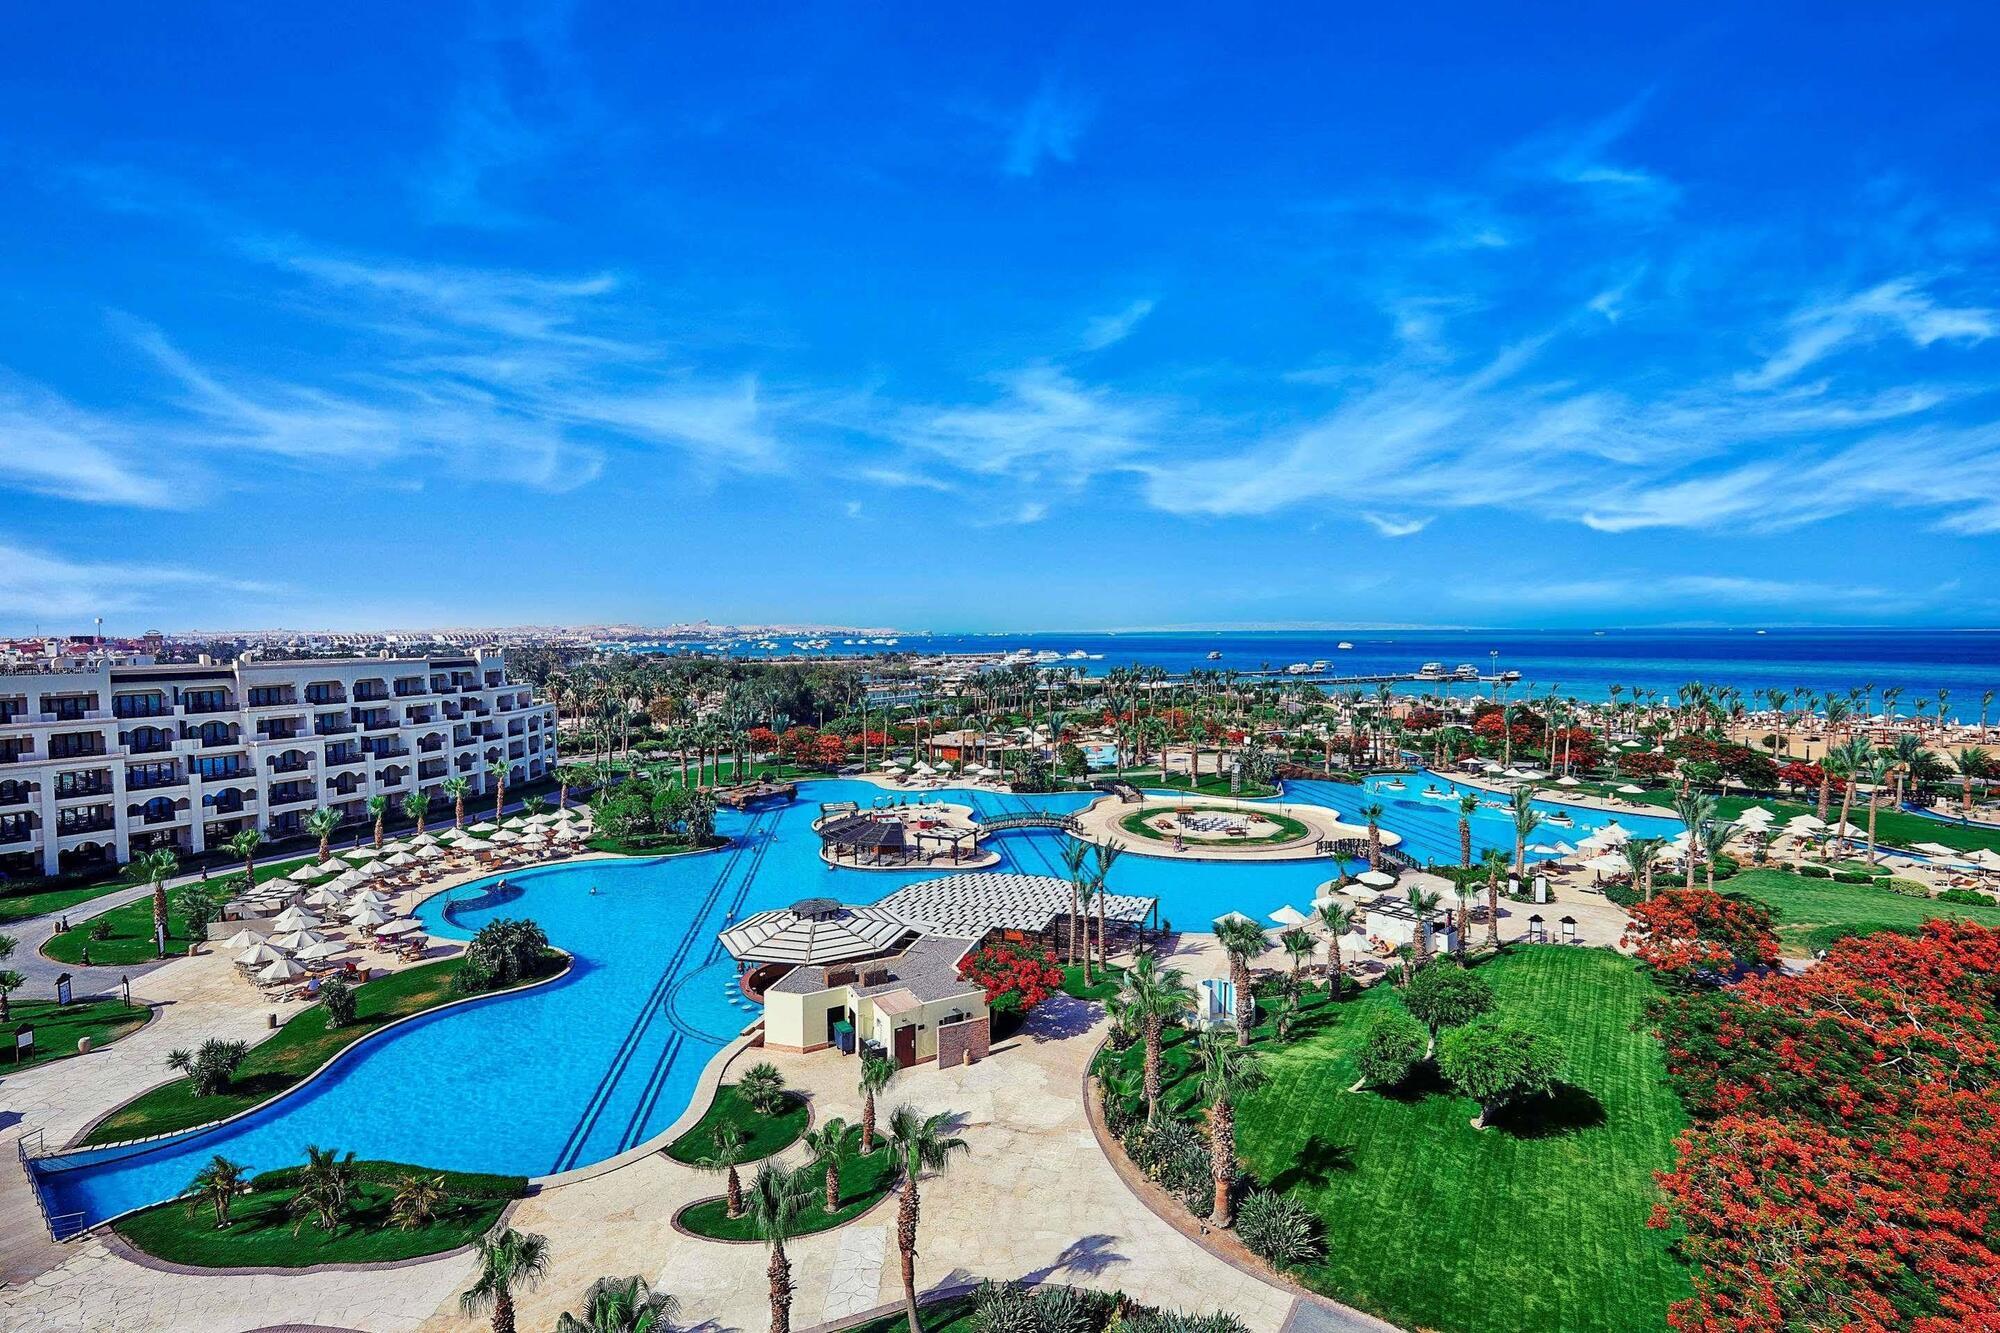 Steigenberger Aldau Beach Hotel, Hurghada Image 12